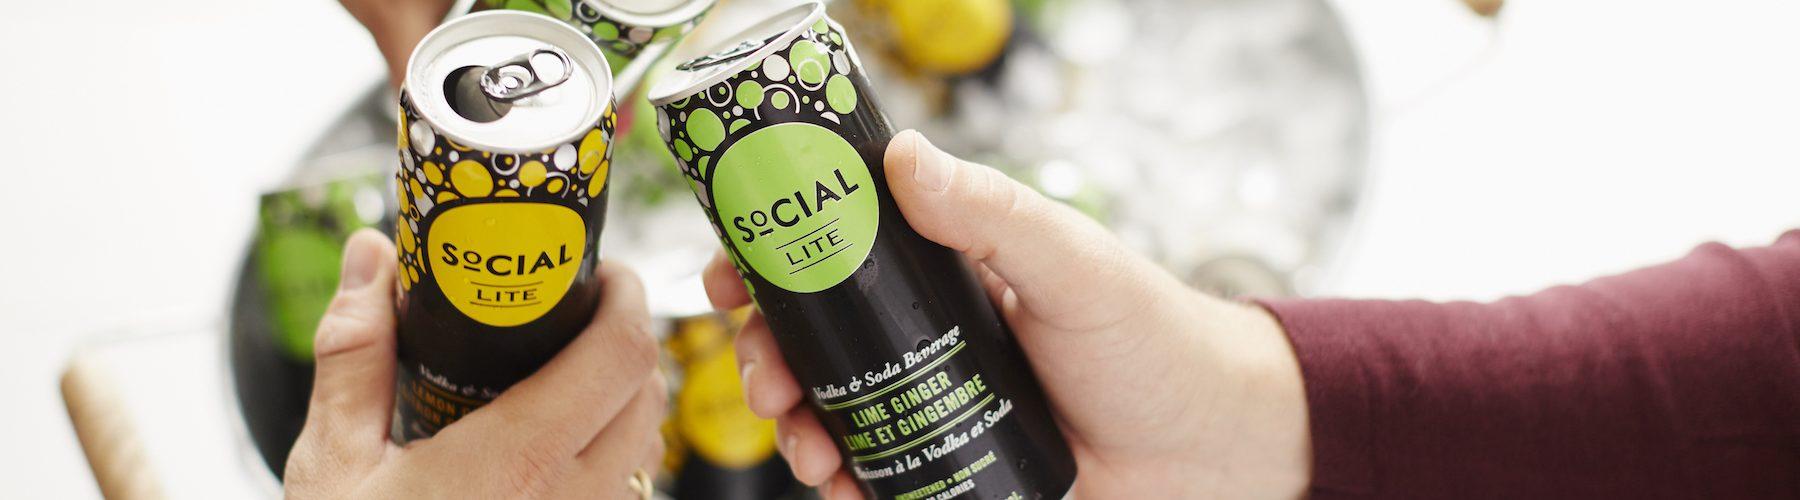 Brazen Loves Low Sugar 80 Calorie SoCIAL LITE Vodka Cocktails